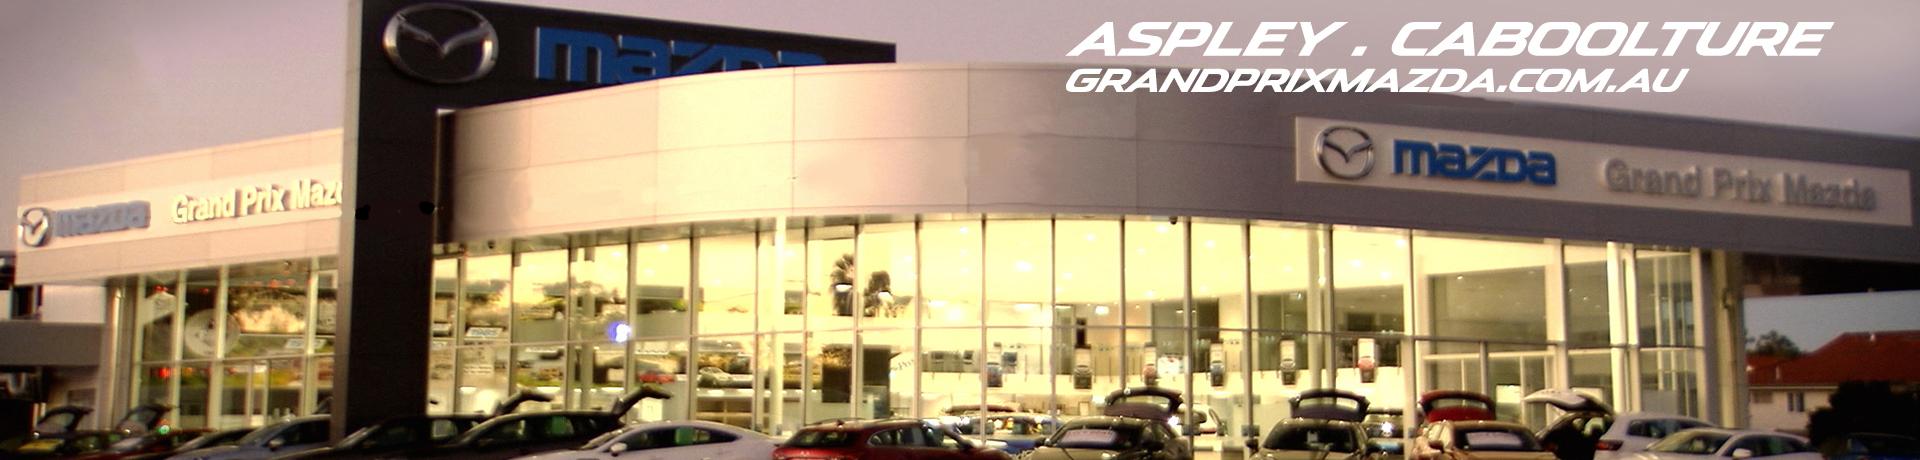 Grand Prix Corporate | All stock